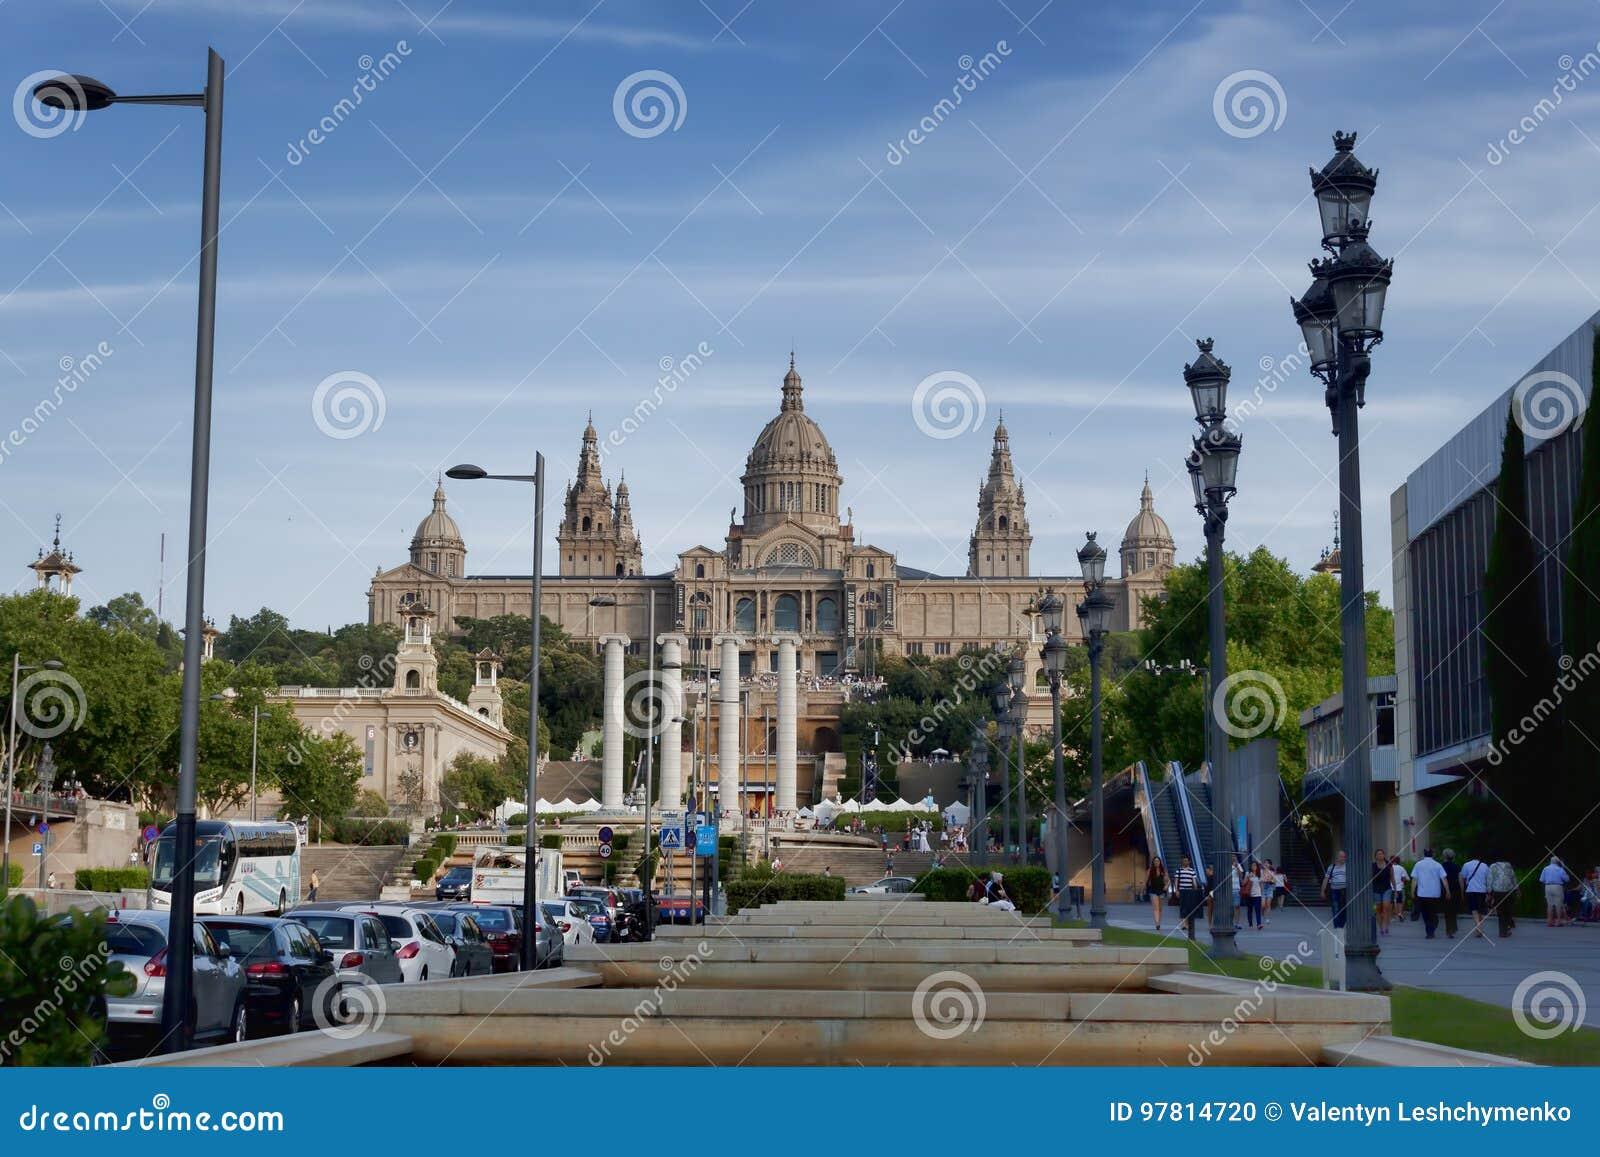 Museu Nacional d`Art de Catalunya - museum is a must-see for art